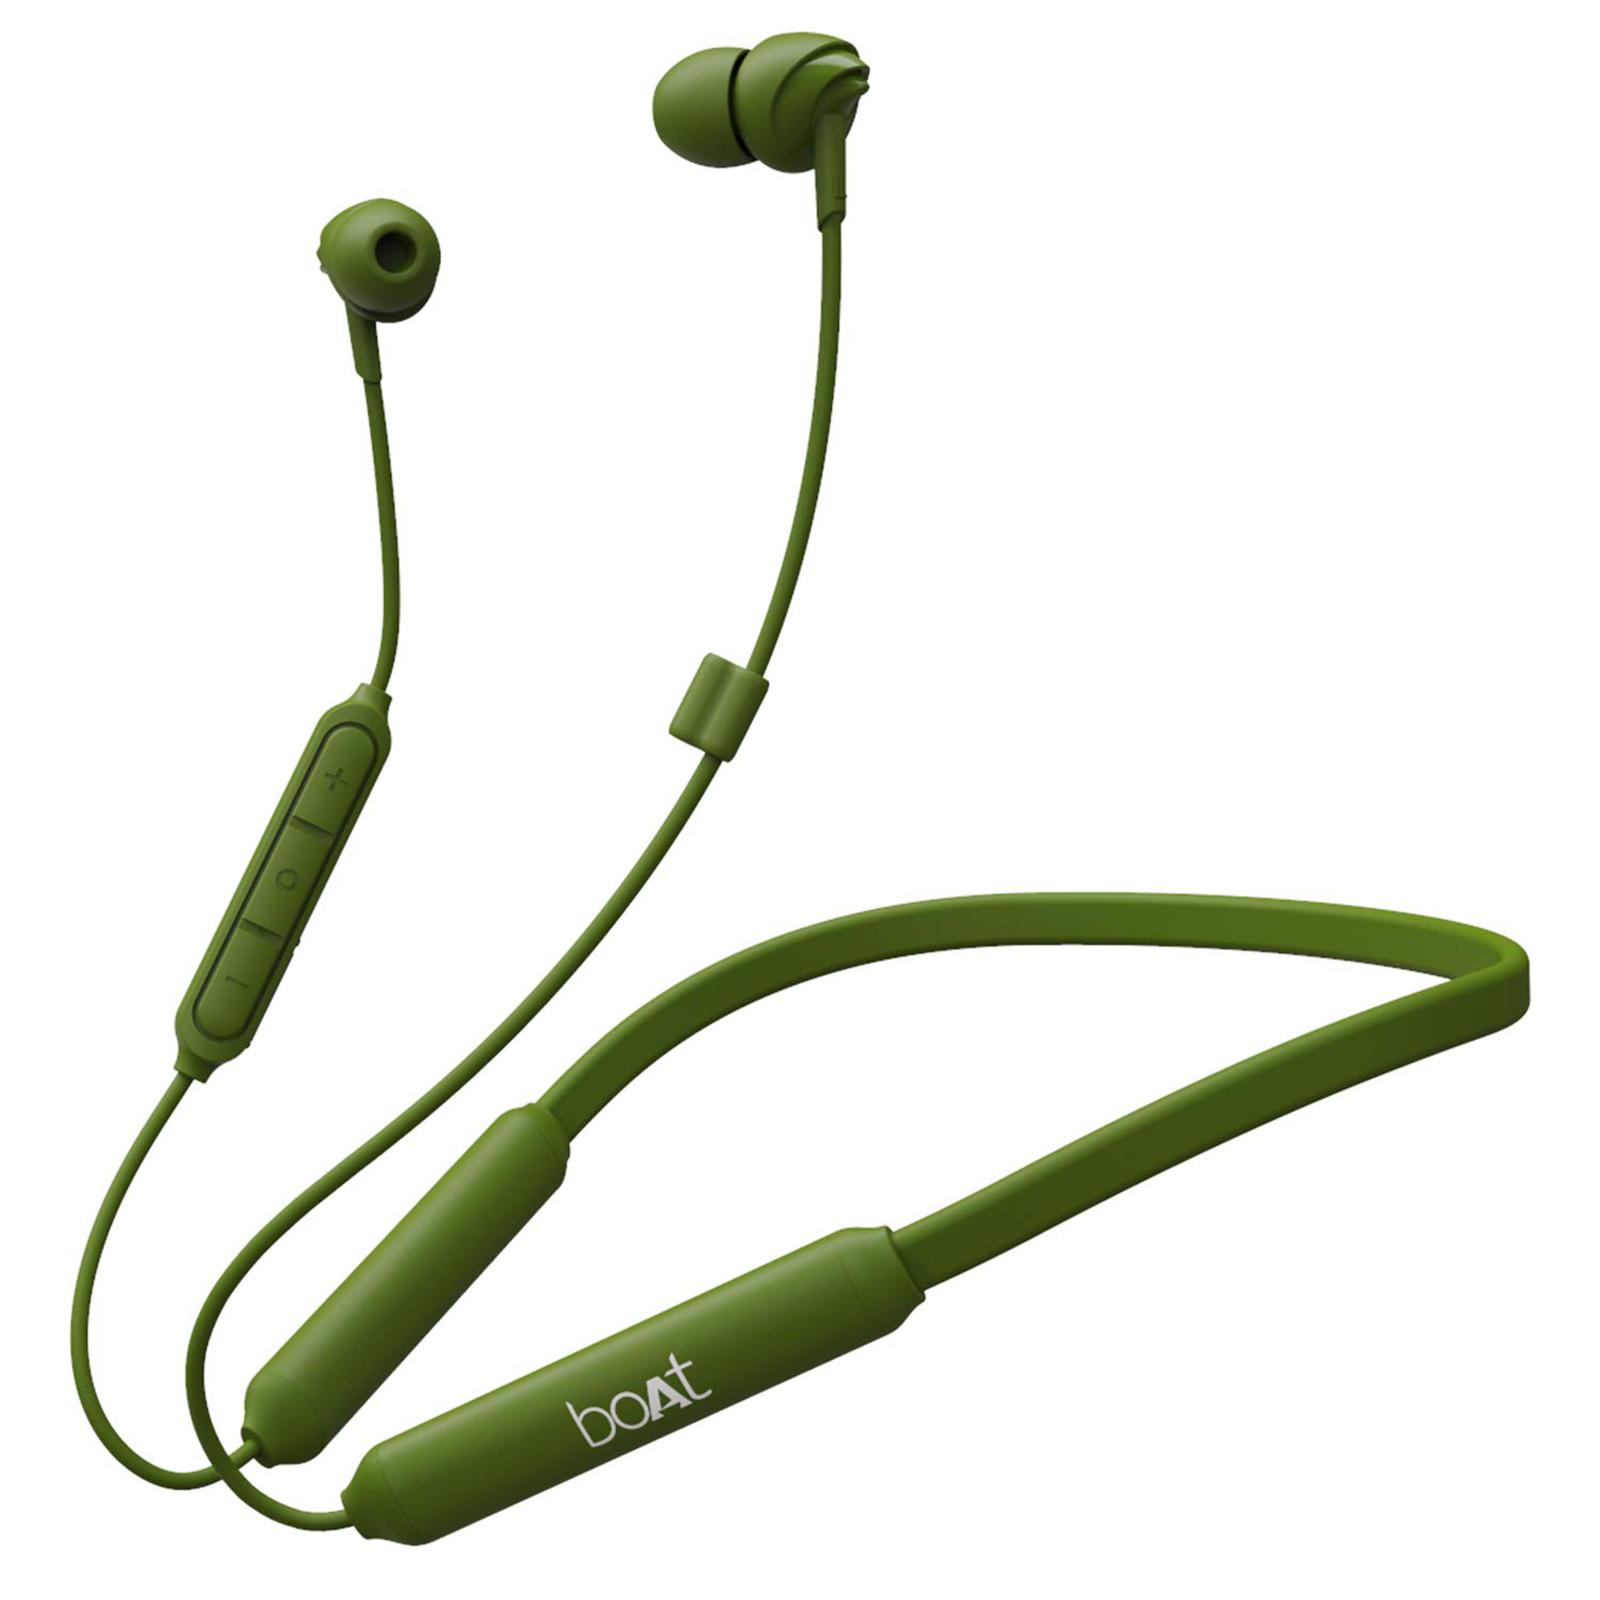 boAt In-Ear Wireless Earphone with Mic (Bluetooth 5.0, 100 Wireless, Green)_1